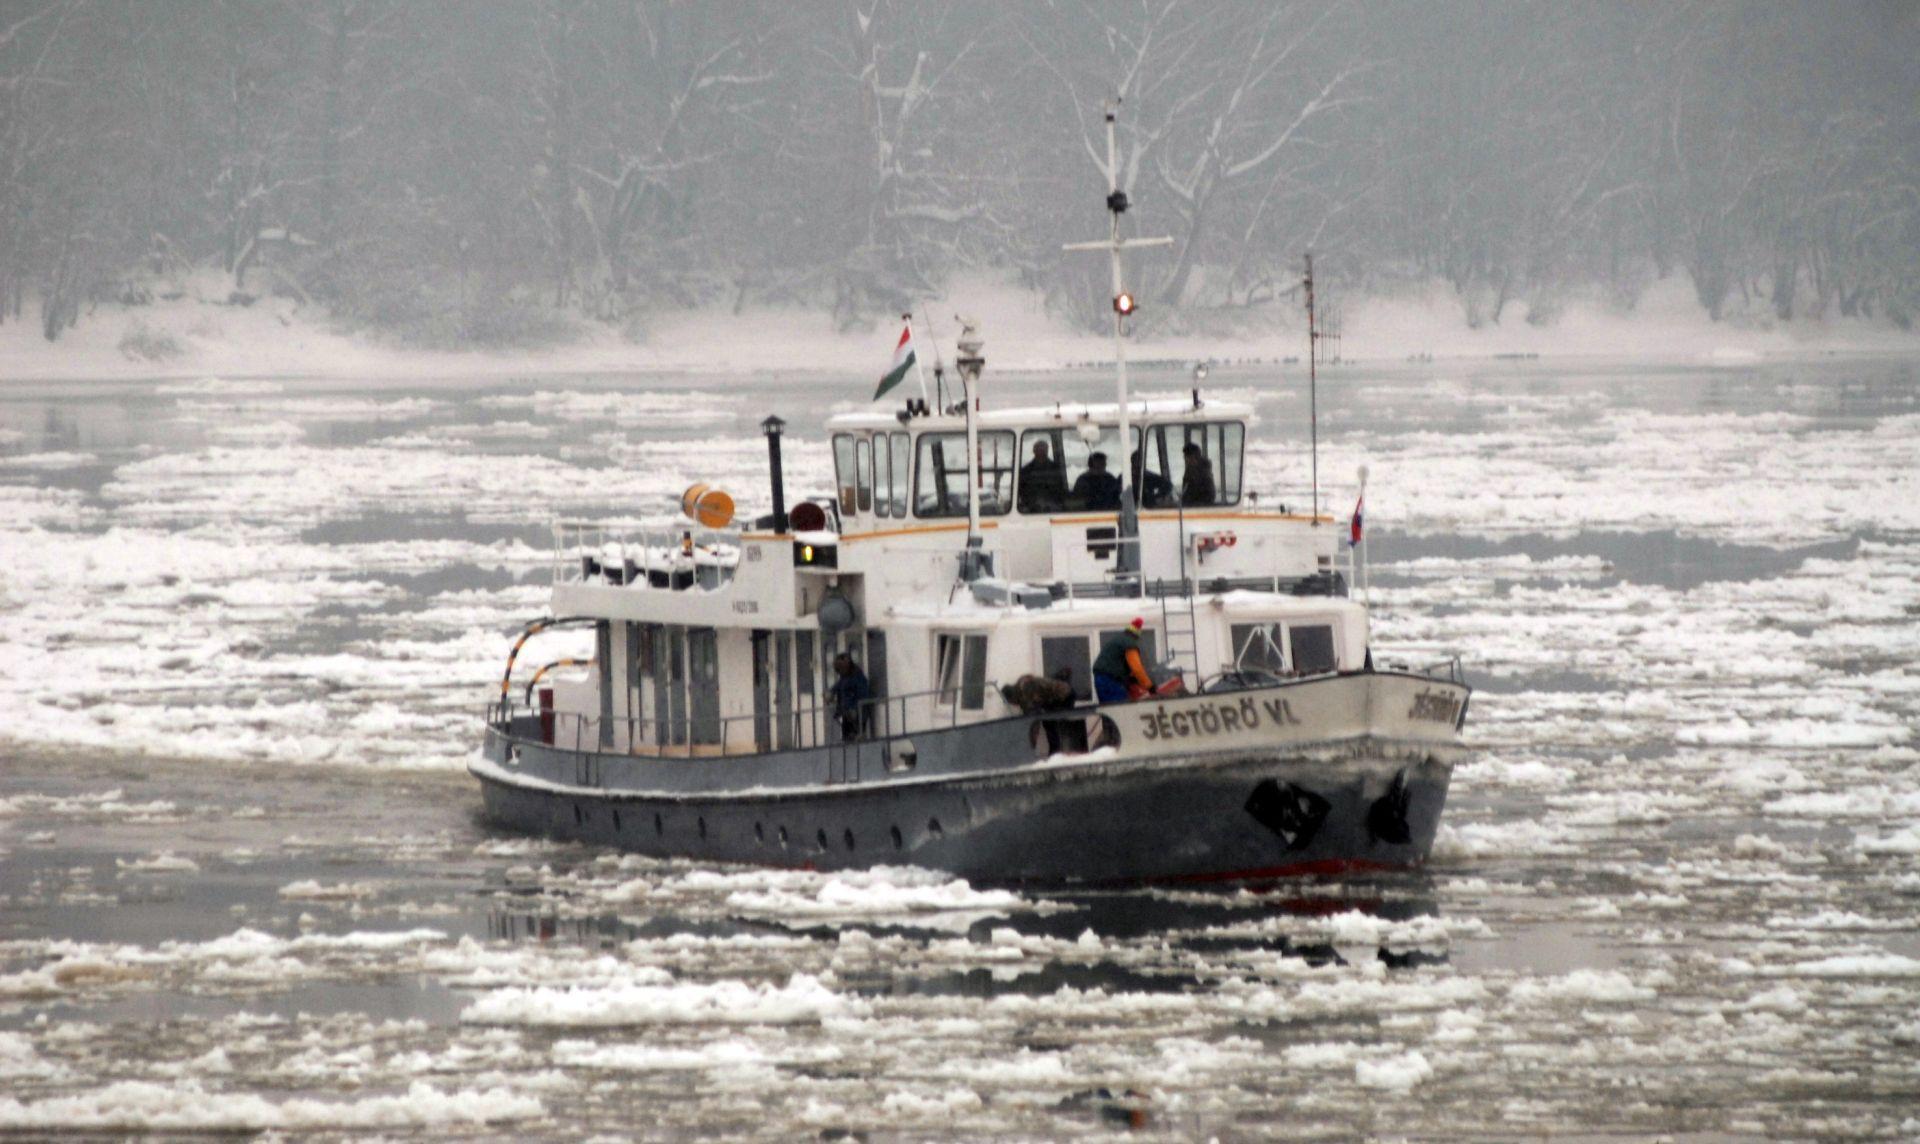 LED NA DUNAVU: Jedan ledolomac se uspješno probio do Dalja